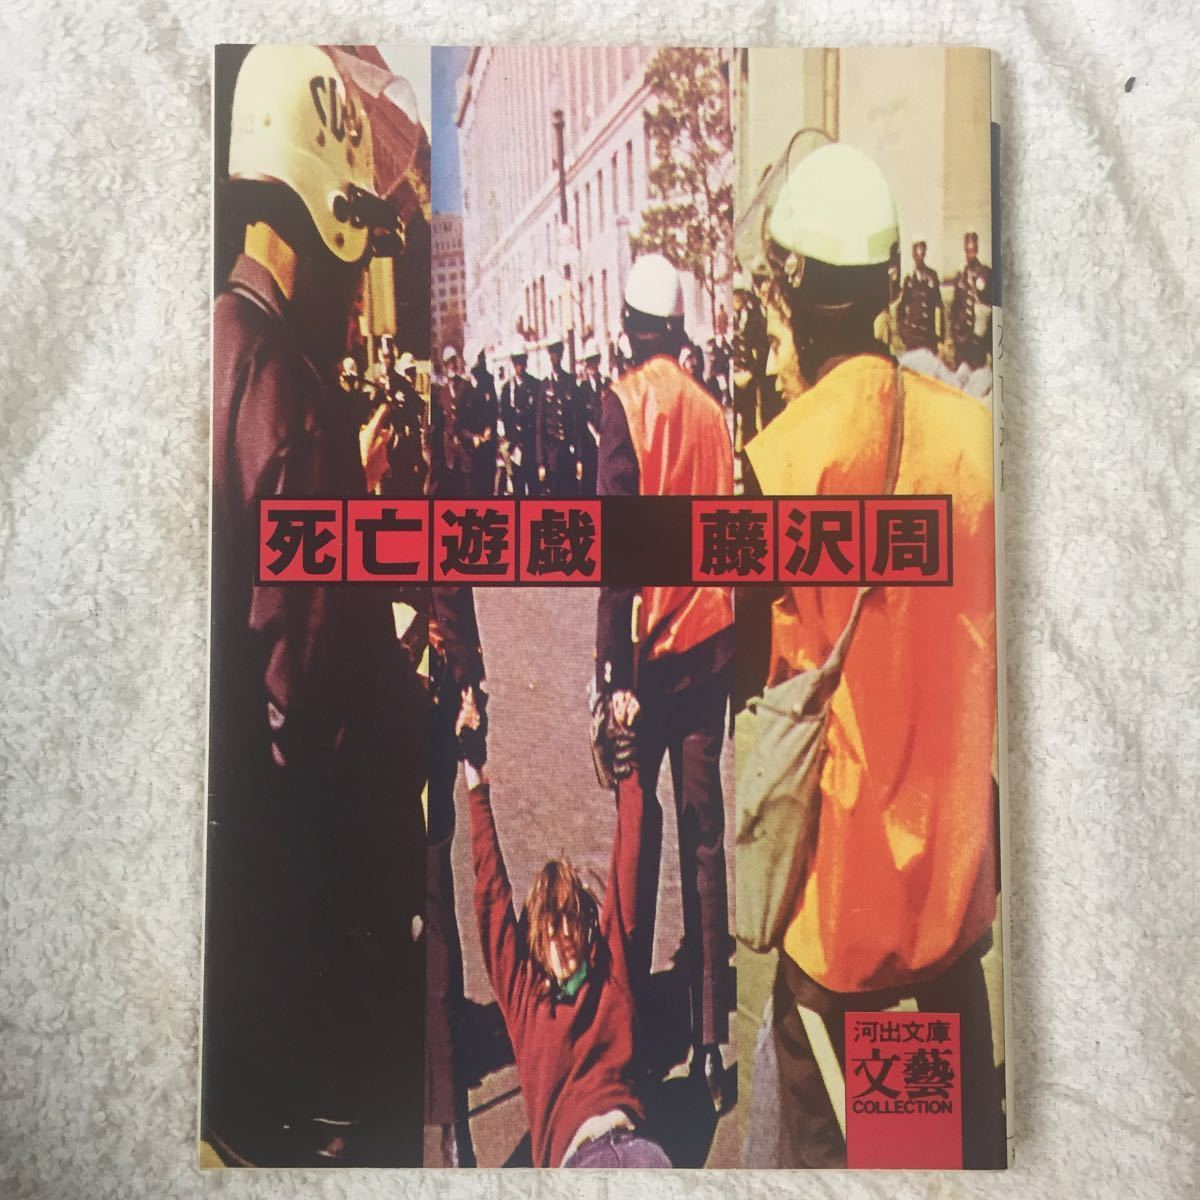 死亡遊戯 (河出文庫文芸コレクション) 藤沢 周 9784309405629_画像1